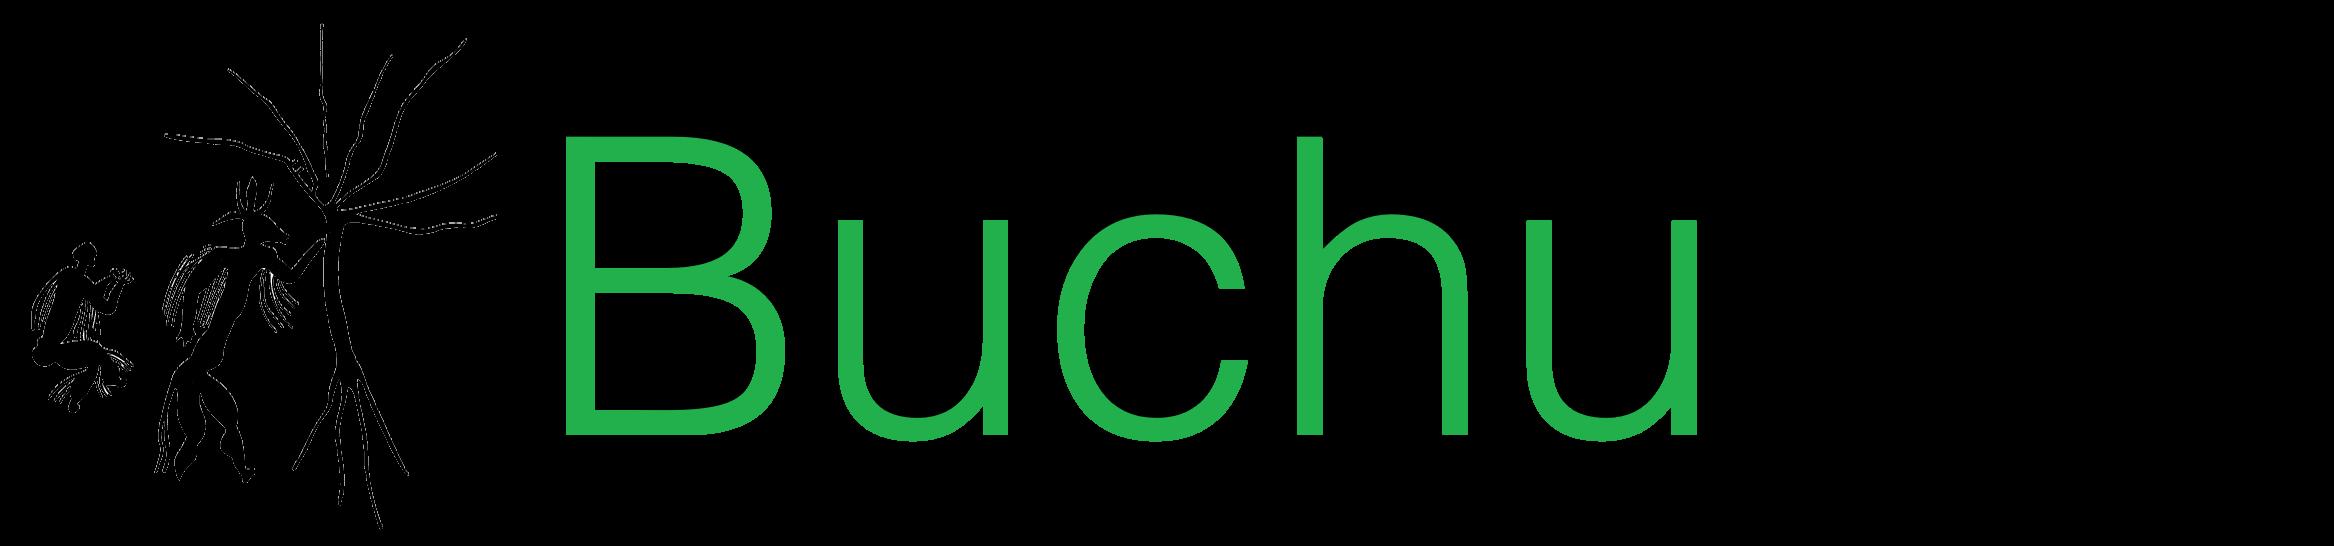 Buchu Europe